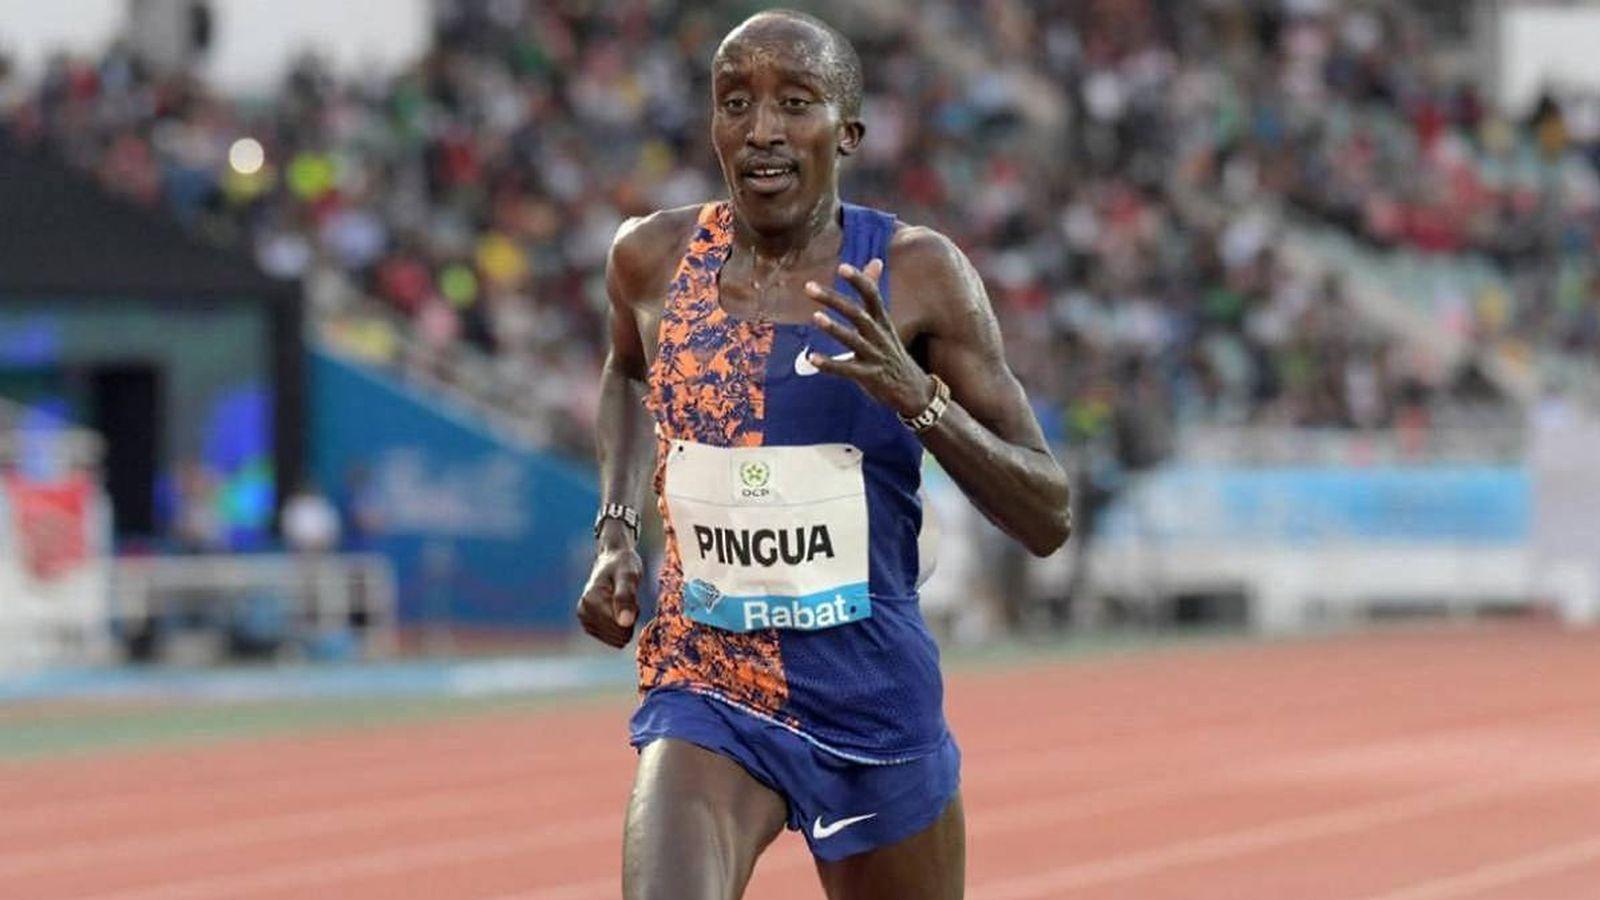 Atletismo: Edward Pingua ya es la nueva y polémica sensación